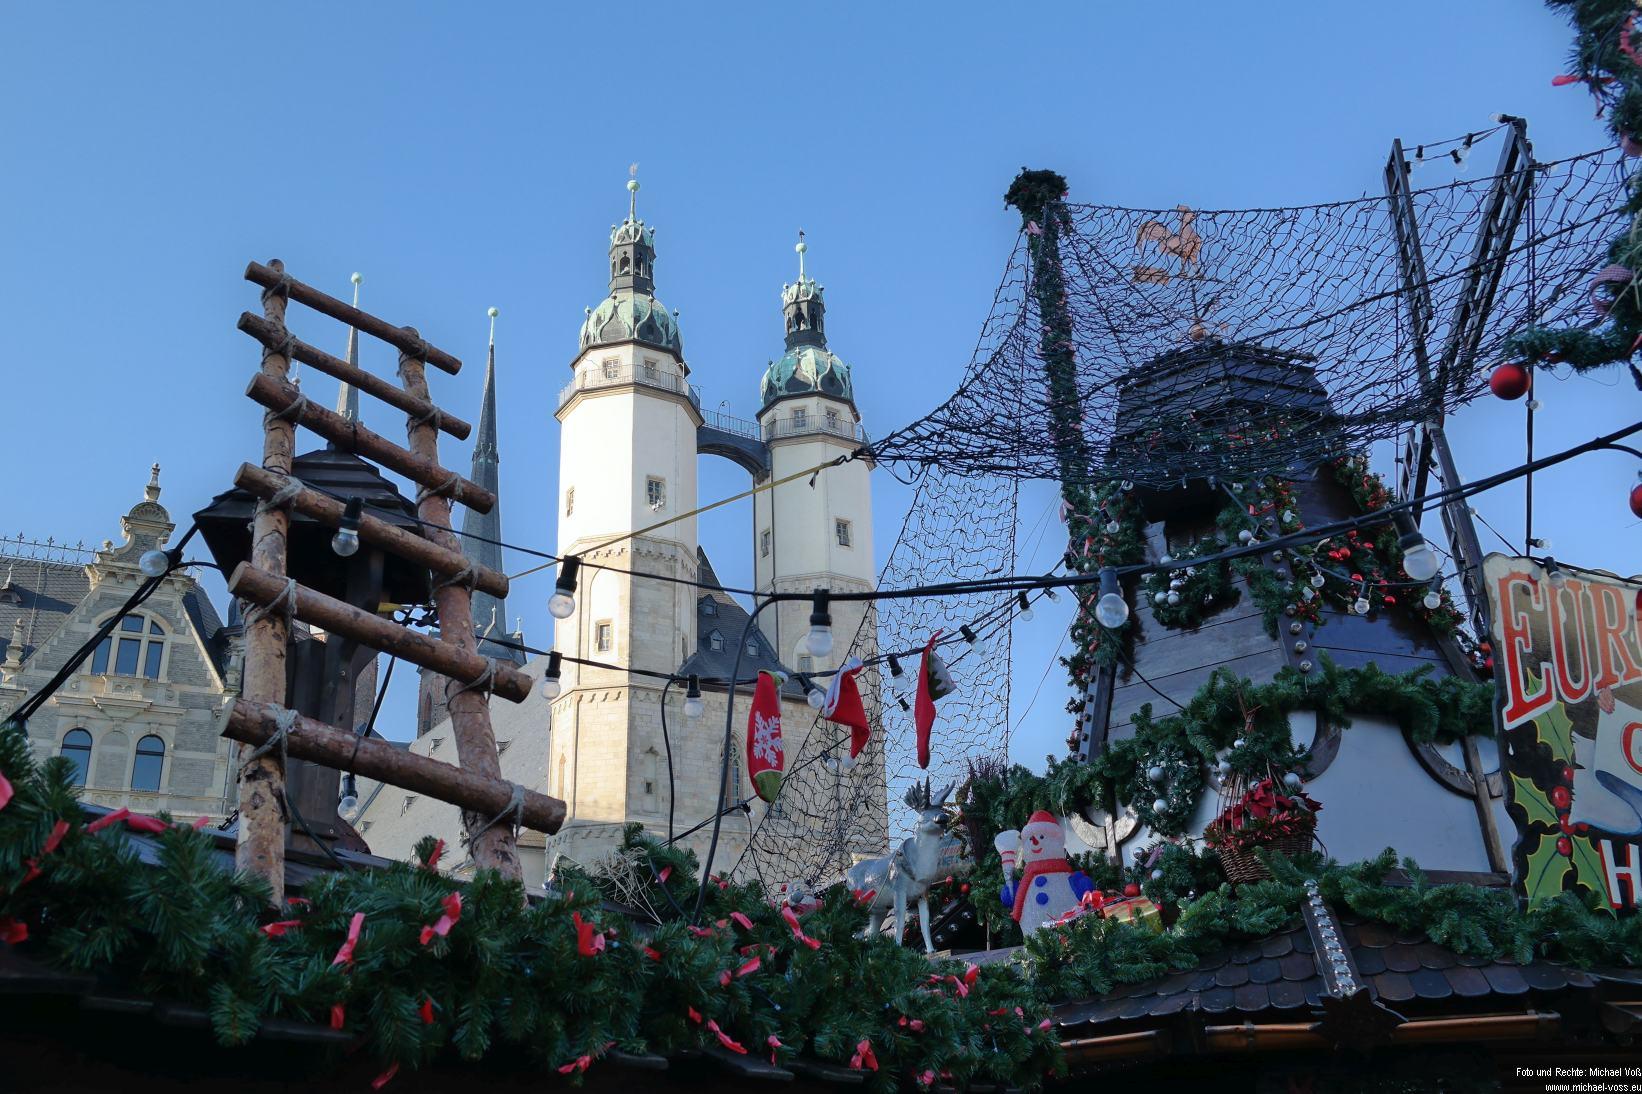 Halle: Weihnachtsmarkt mit Marktkiche (23.11.14)